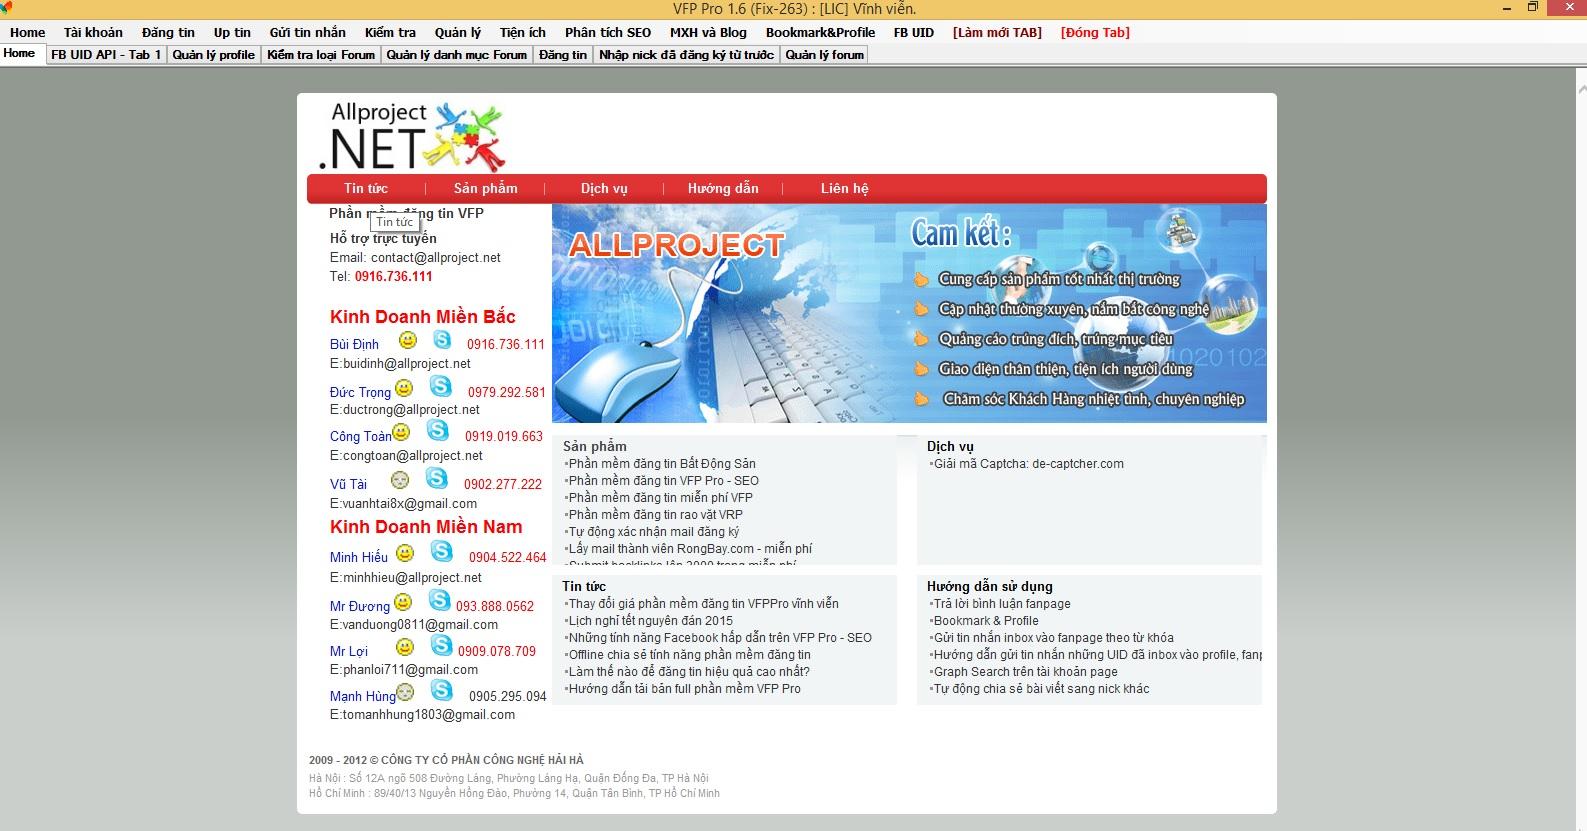 Phần mềm đăng tin VFP Pro - SEO